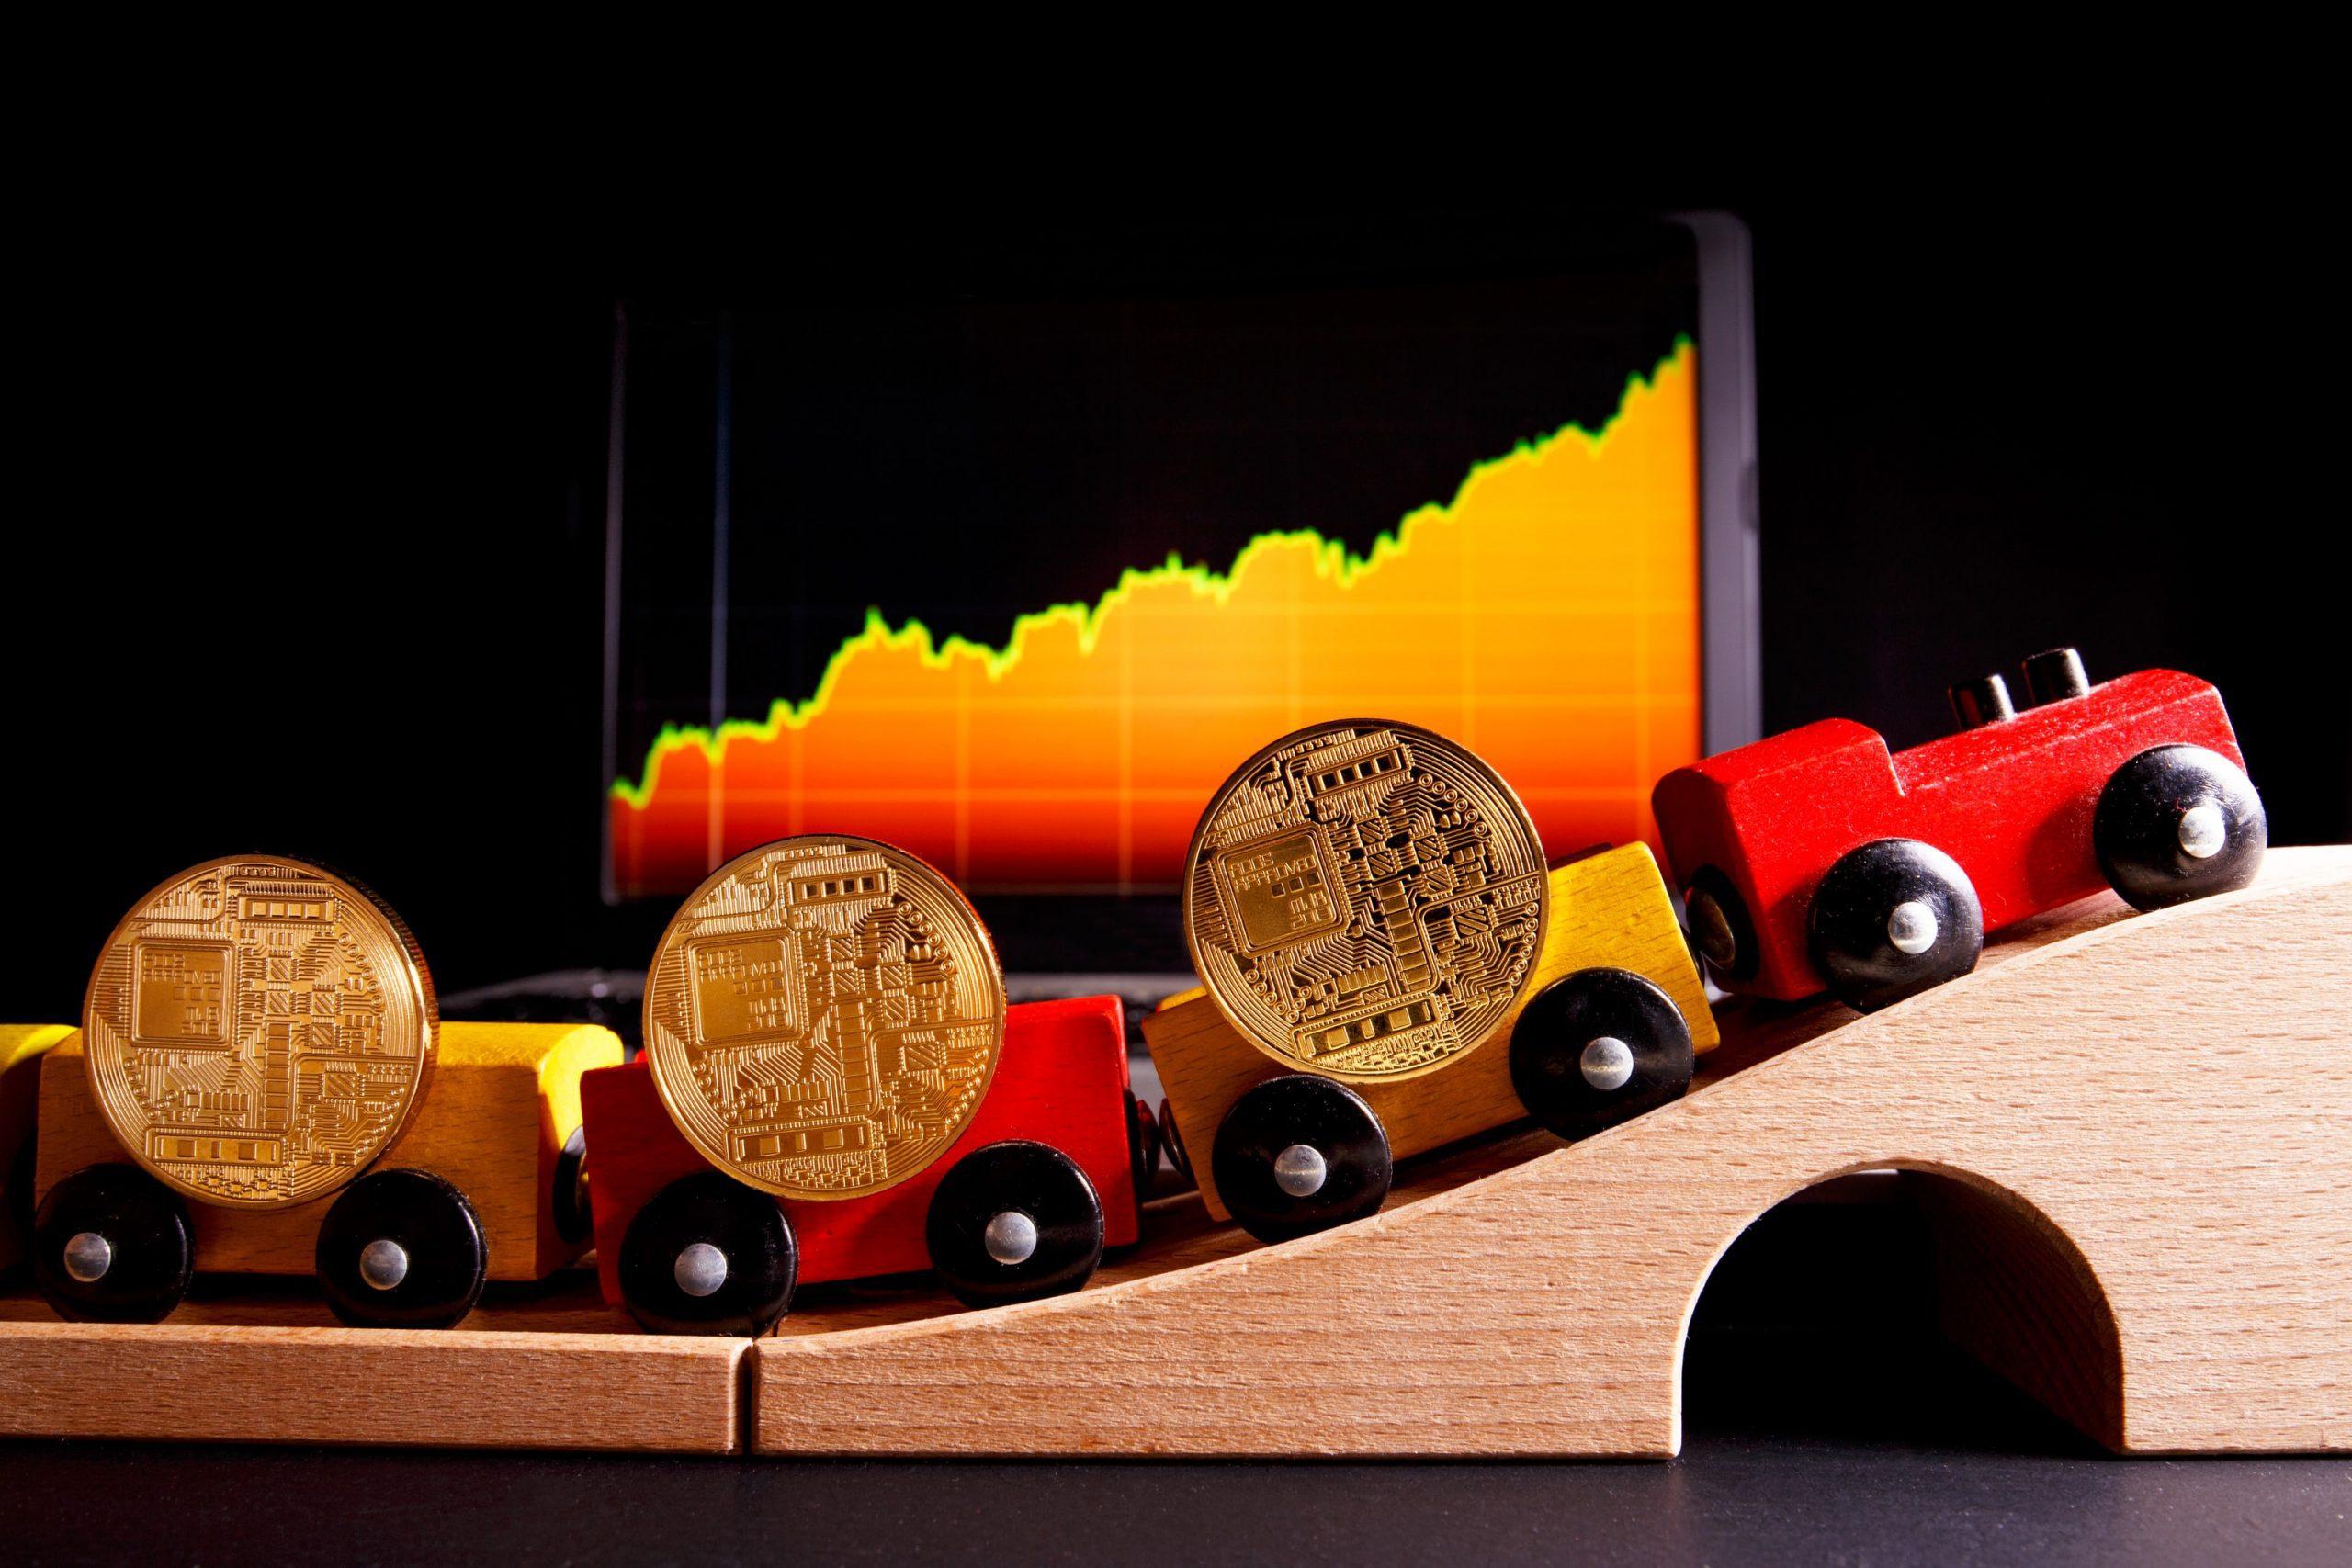 Holzbahn mit Bitcoin-Münzen auf jedem Wagon